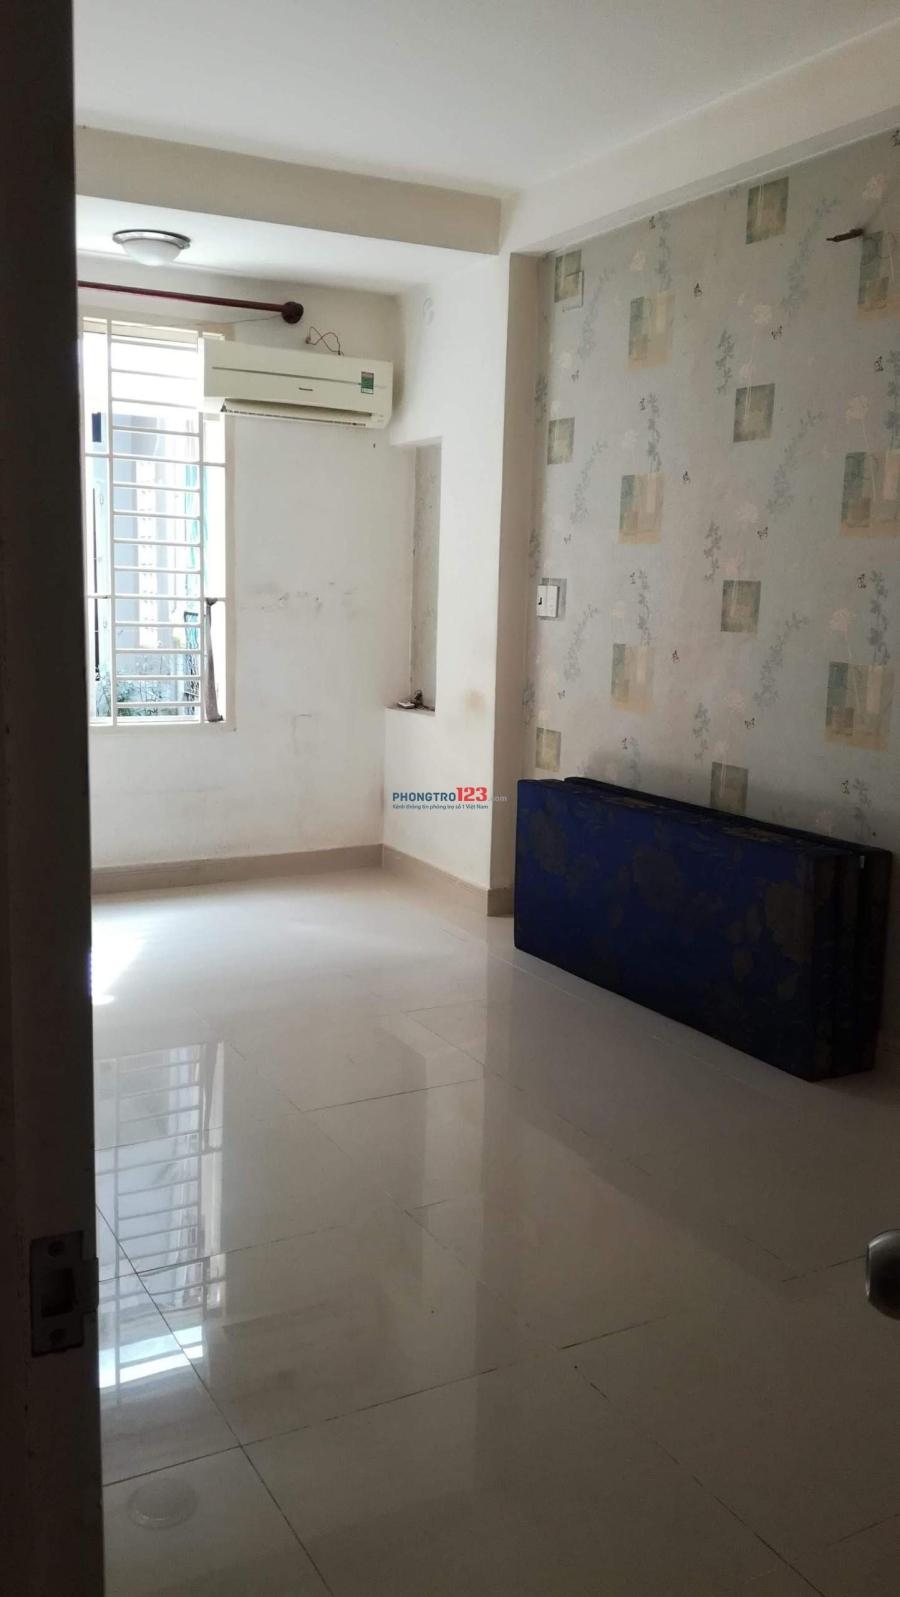 Phòng chính chủ cho thuê  giá hấp dẫn tại Tân Bình